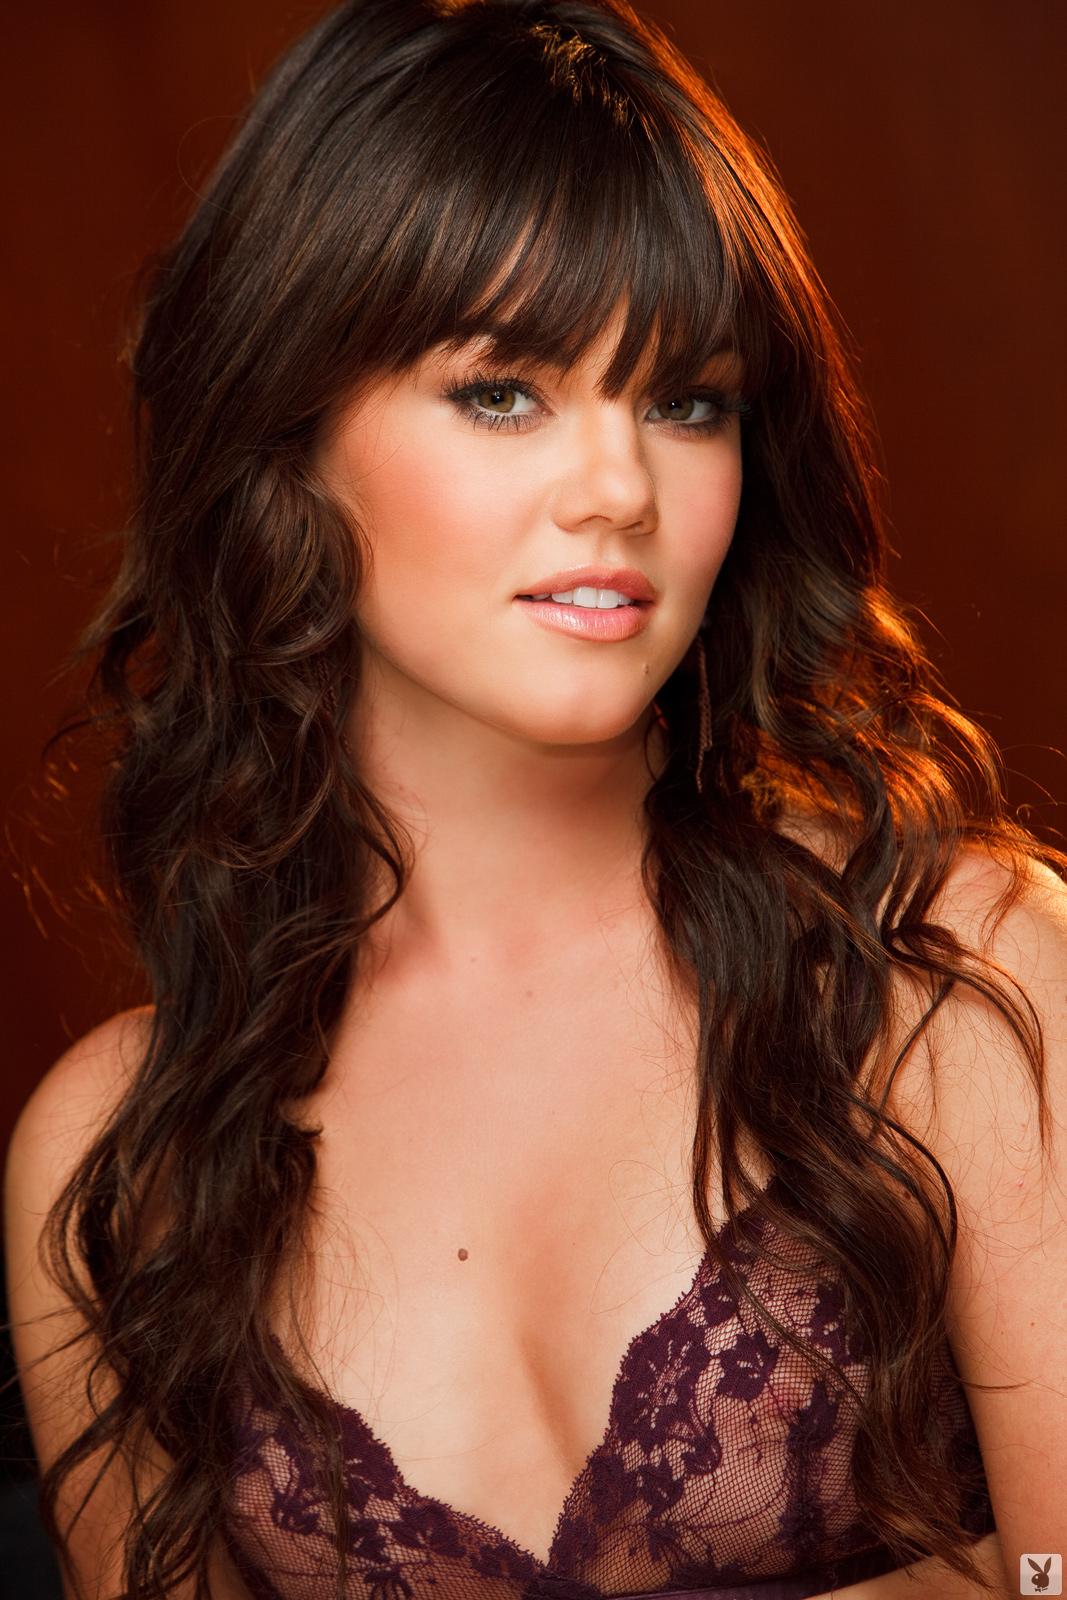 Allison Taylor in lingerie